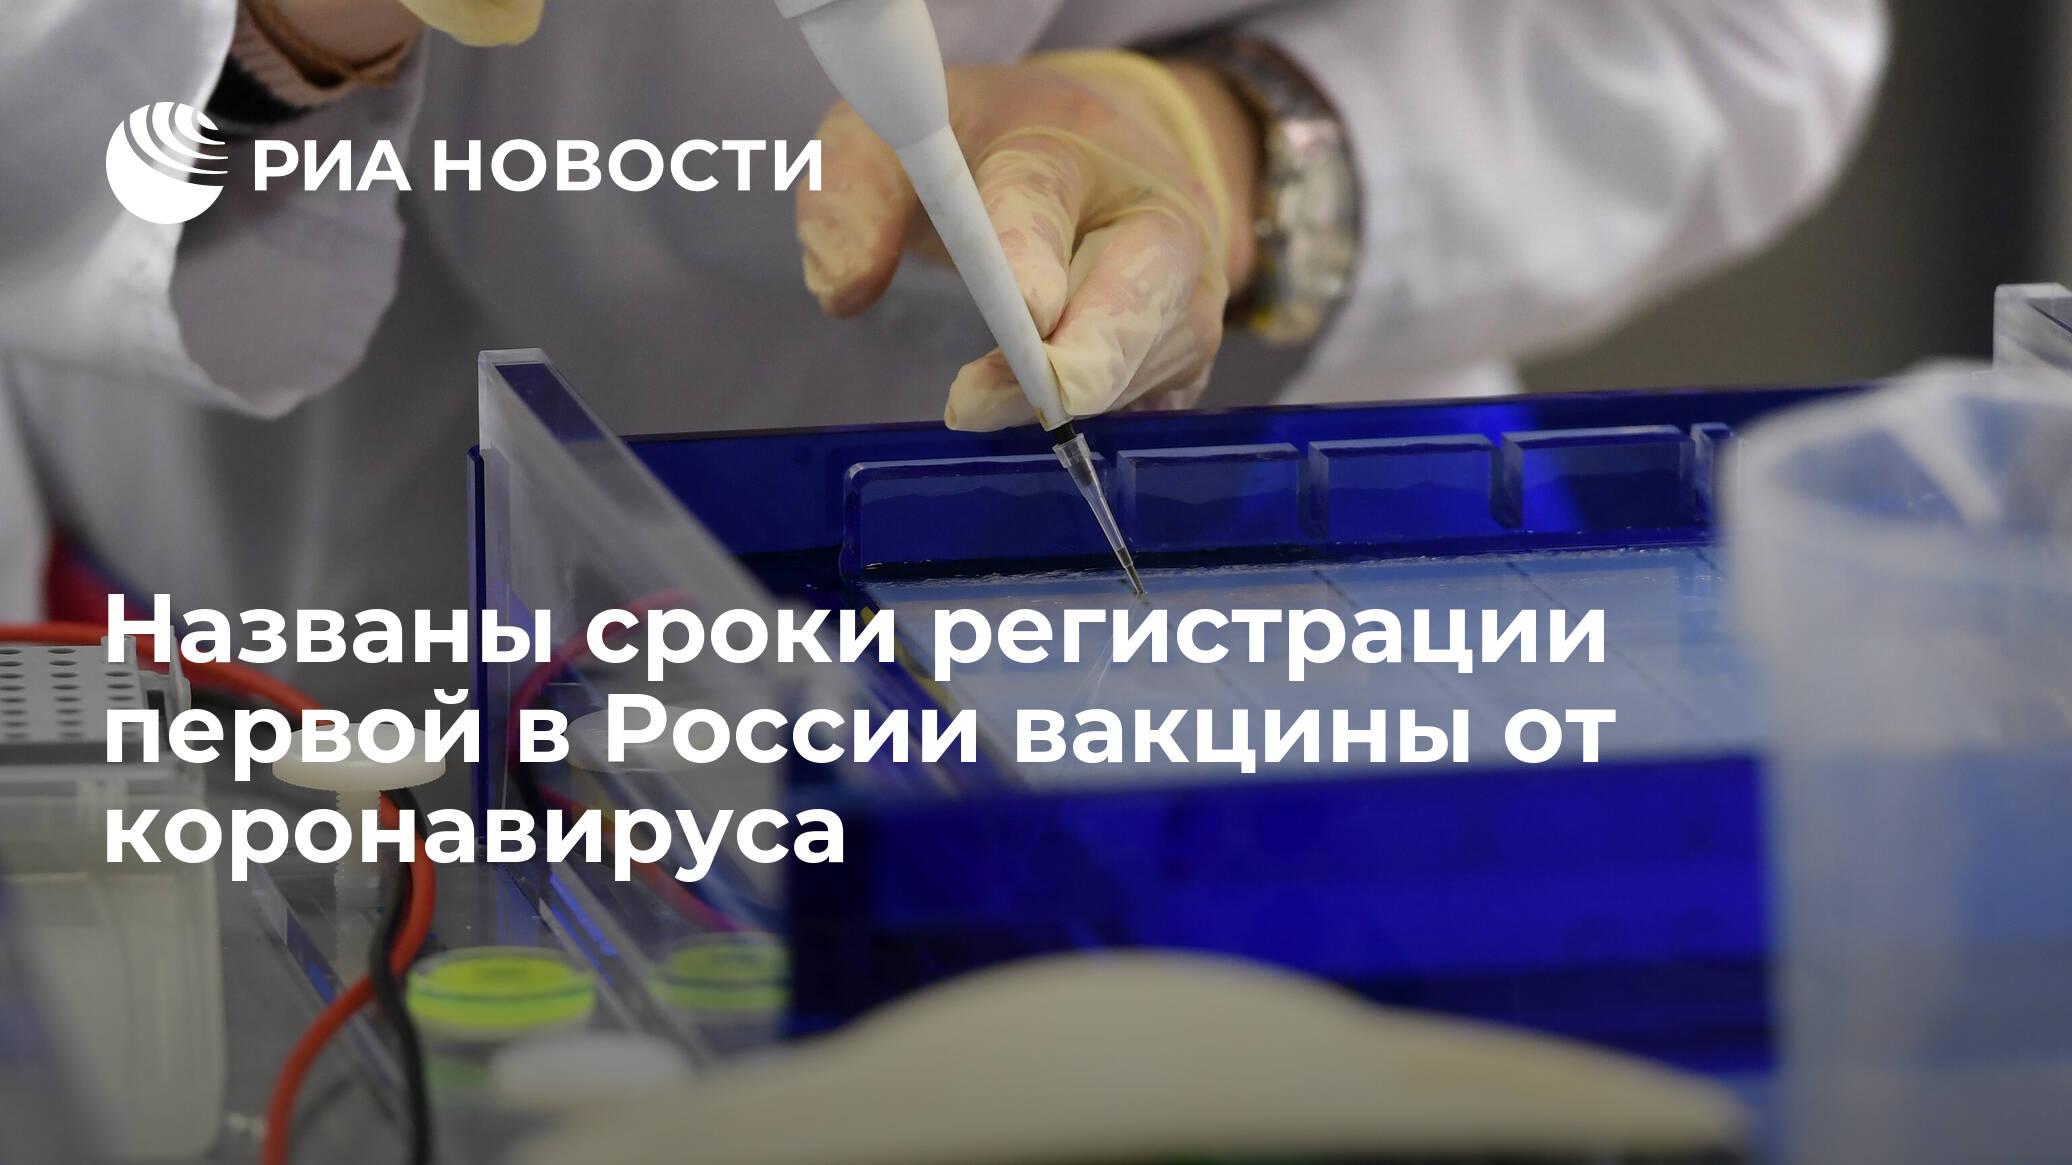 Названы сроки регистрации первой в России вакцины от коронавируса